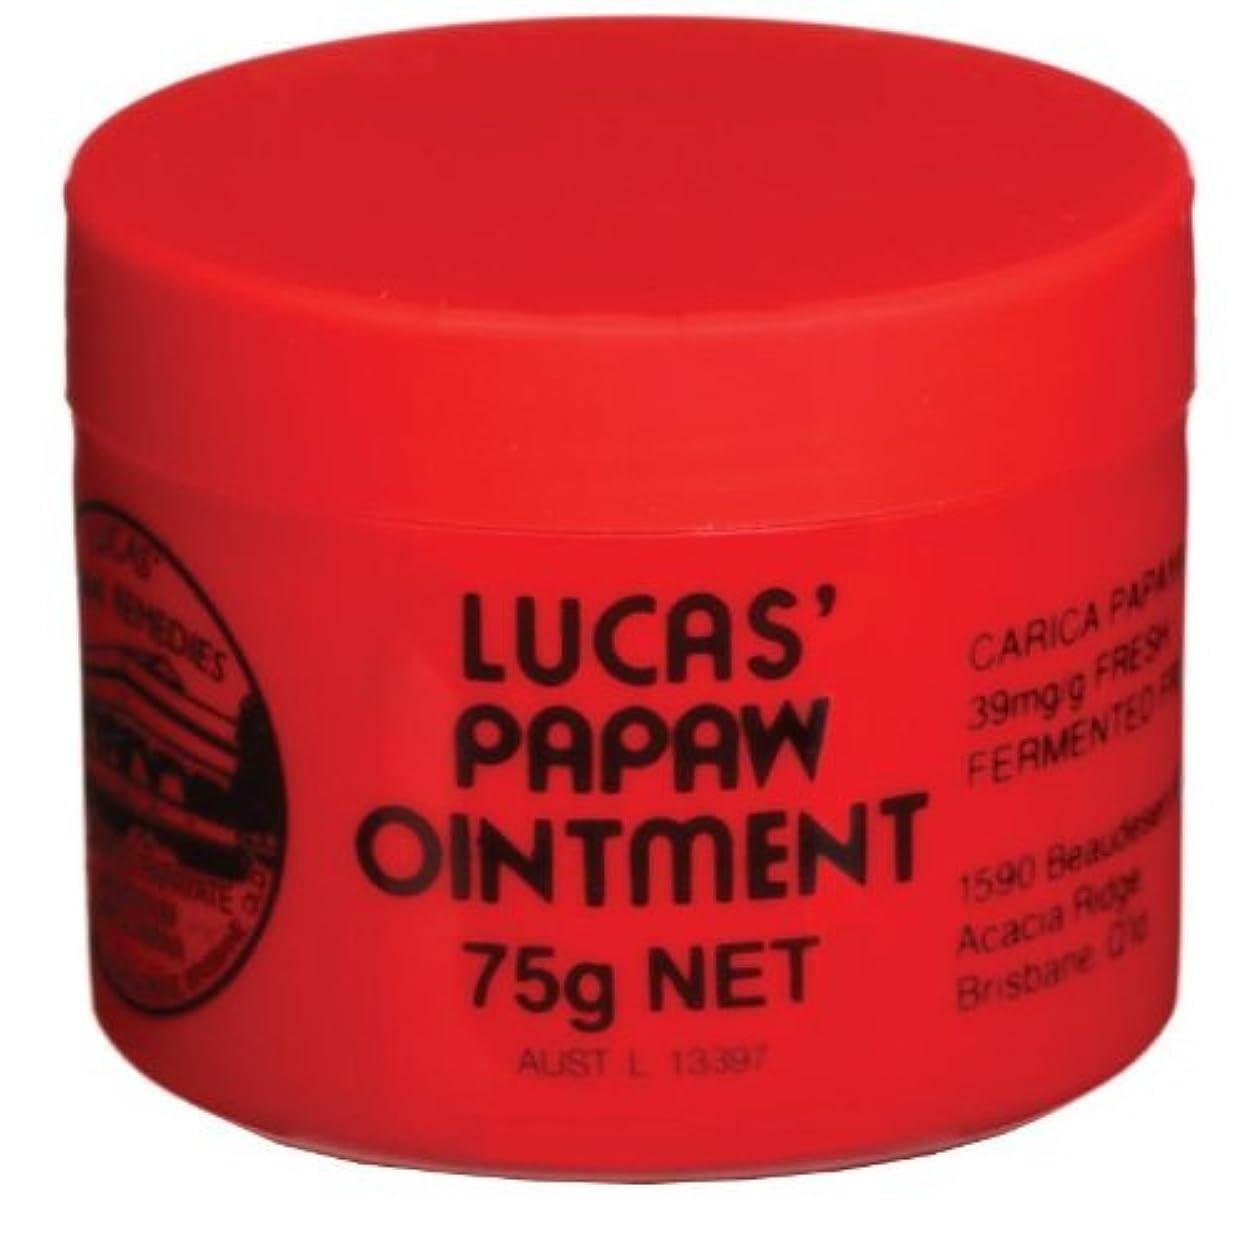 収まる属する熟考する[Lucas' Papaw Ointment] ルーカスポーポークリーム 75g